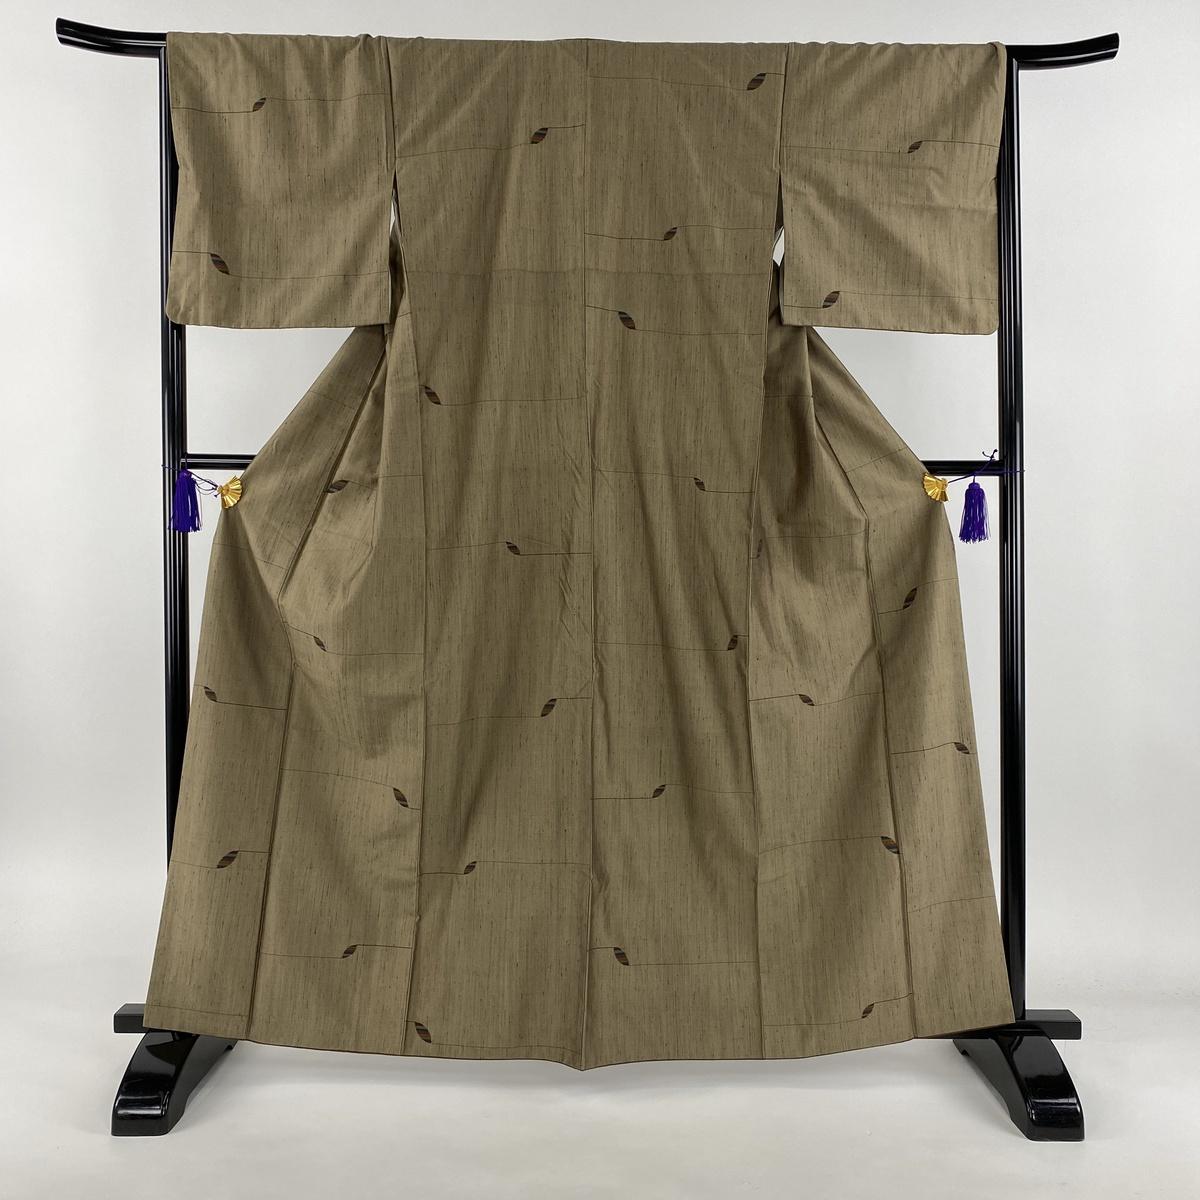 紬 美品 秀品 幾何学模様 茶緑色 袷 身丈163cm 裄丈66.5cm M 正絹 【中古】